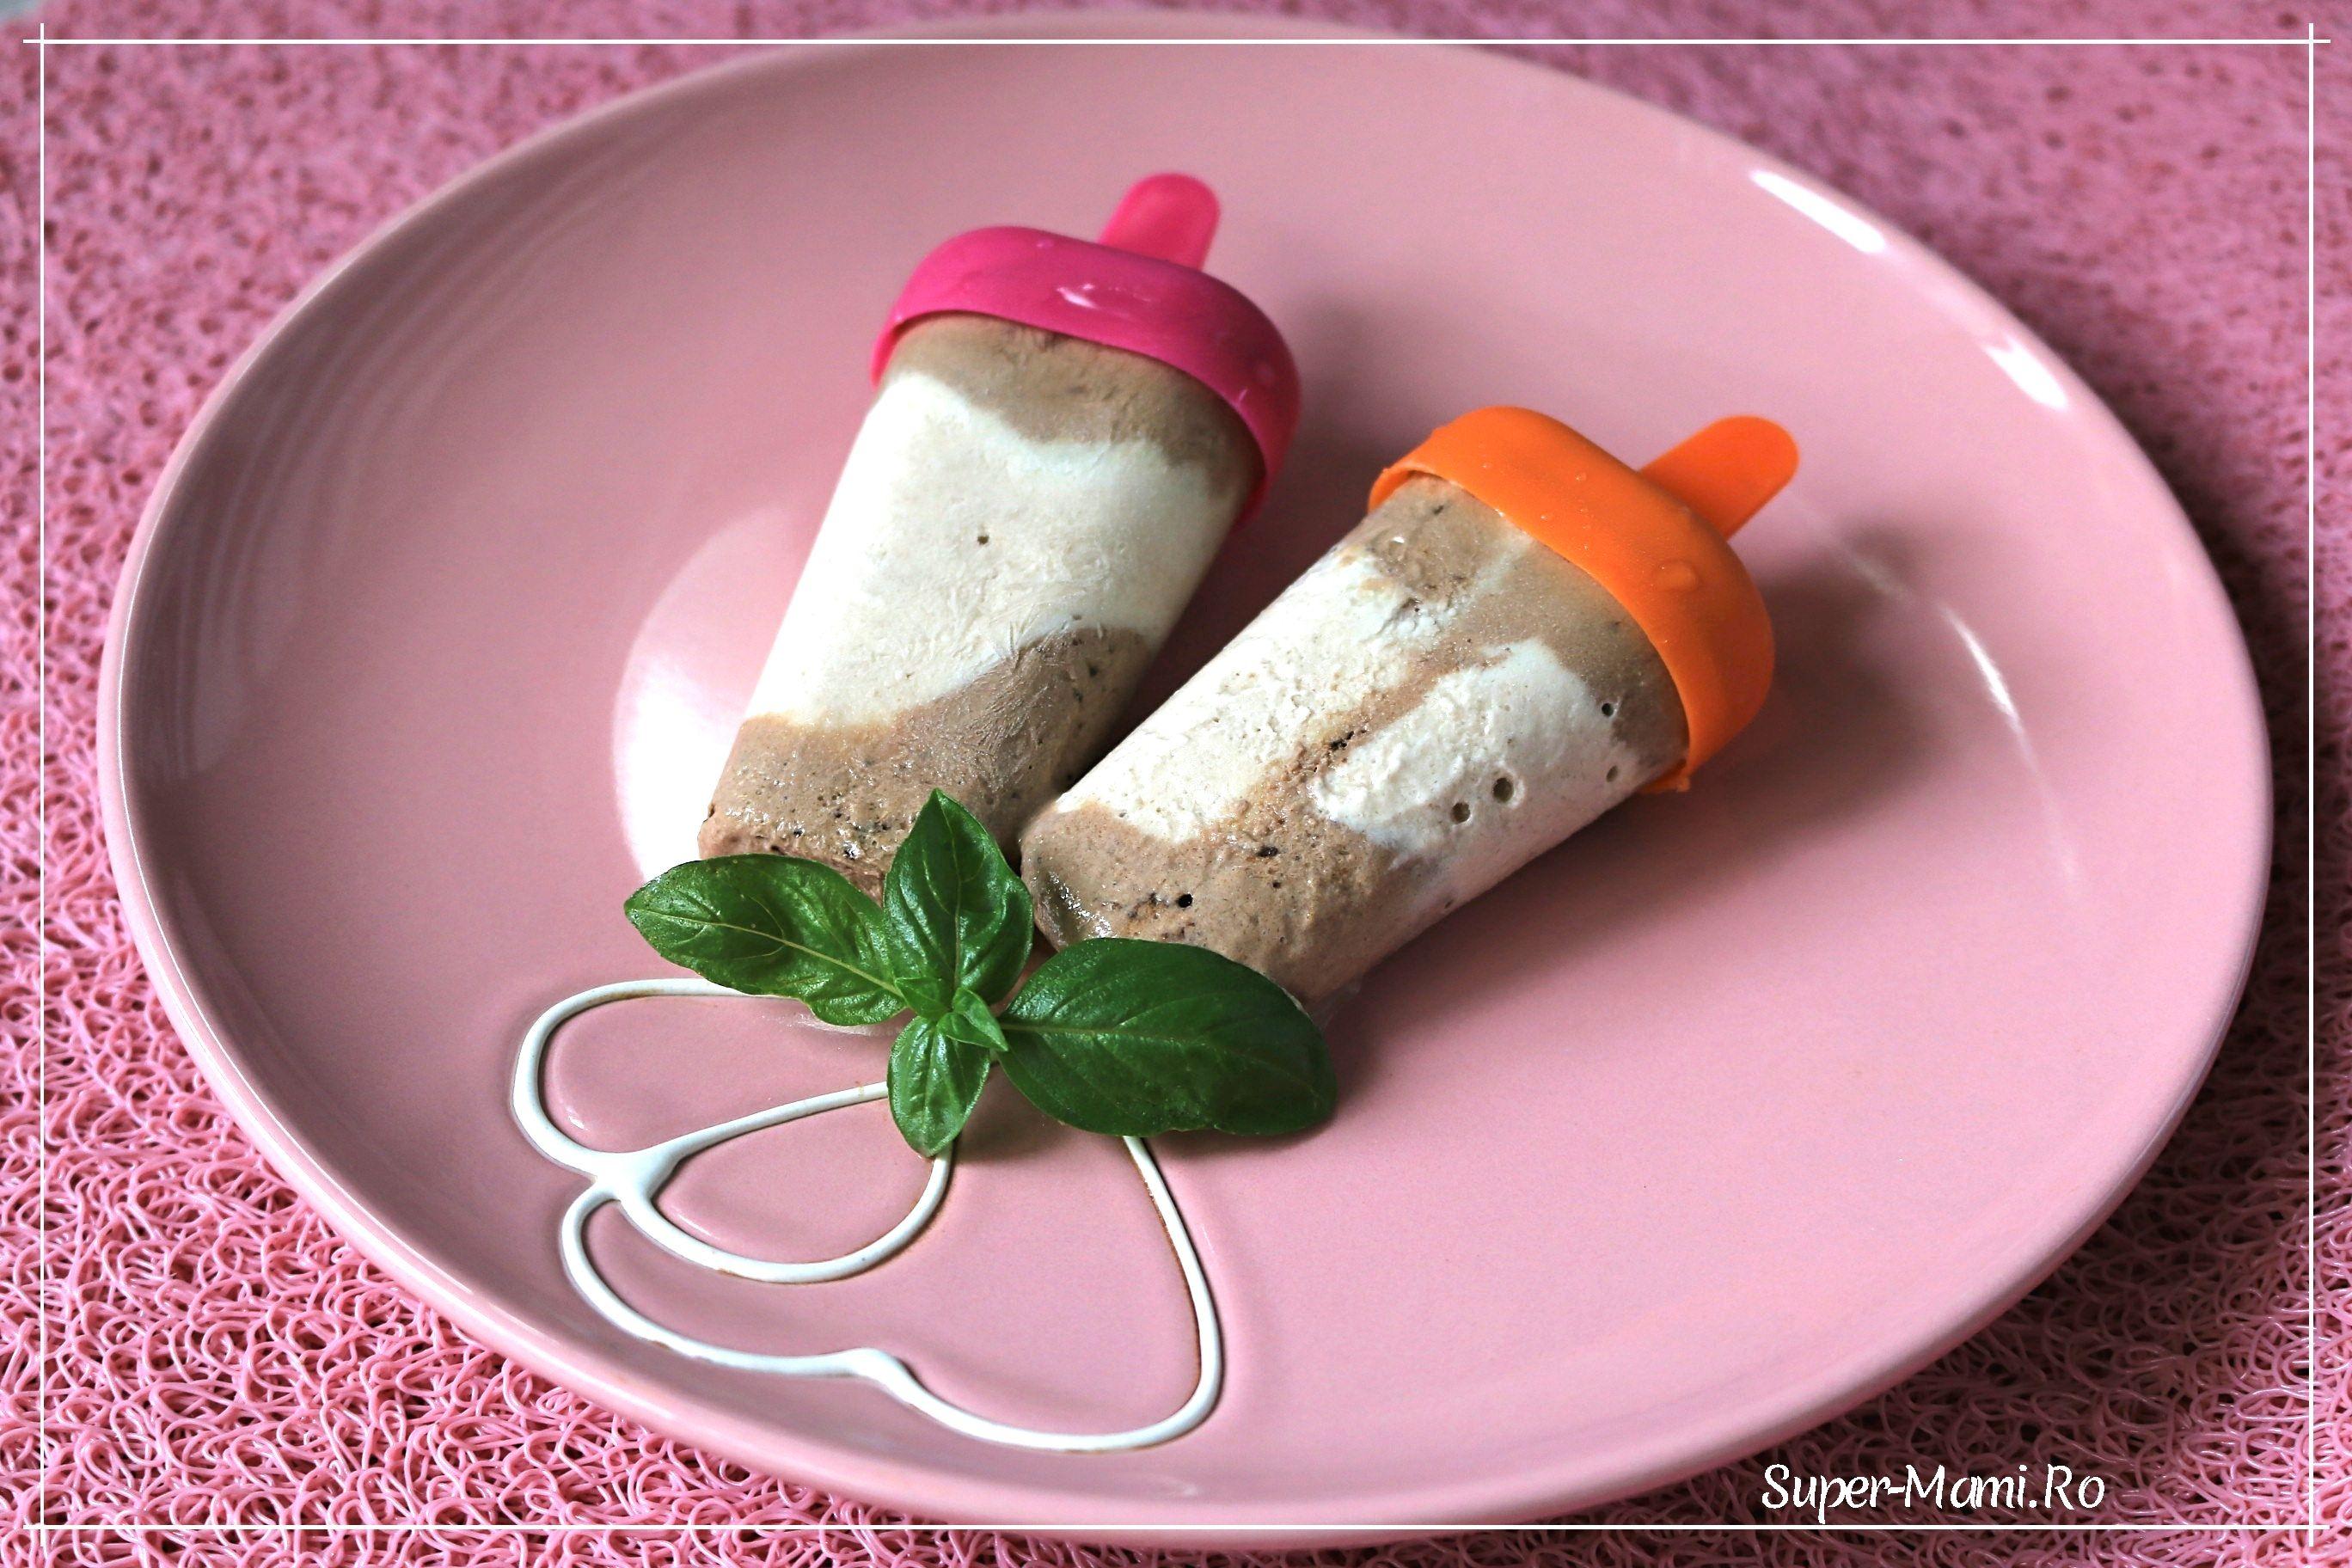 Zece reţete de dulciuri fără zahăr pentru copii, făcute în casă